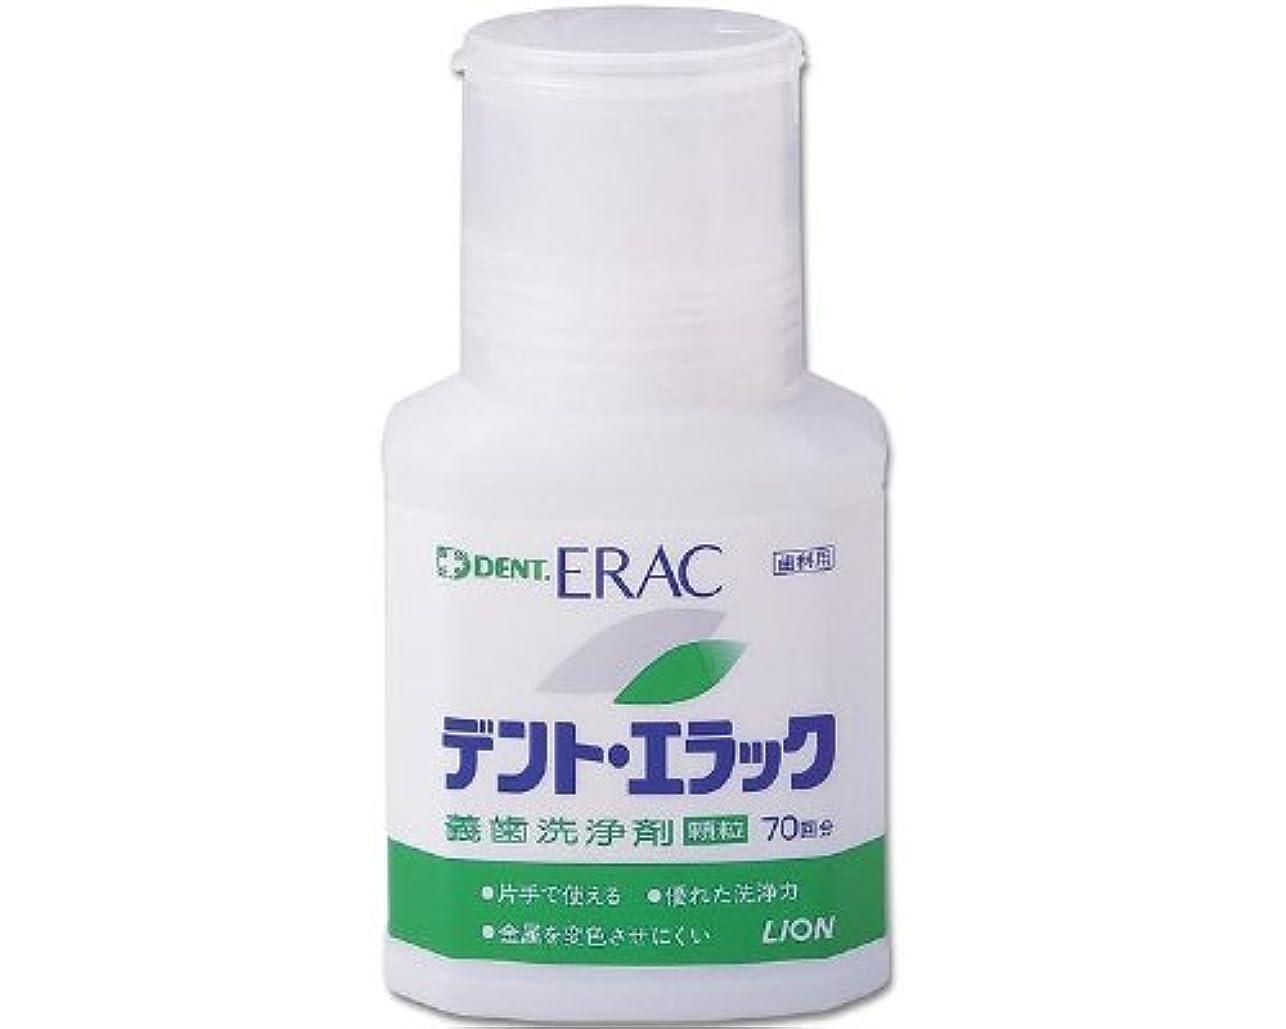 累積費用翻訳ライオン エラック義歯洗浄剤 顆粒タイプ 175g